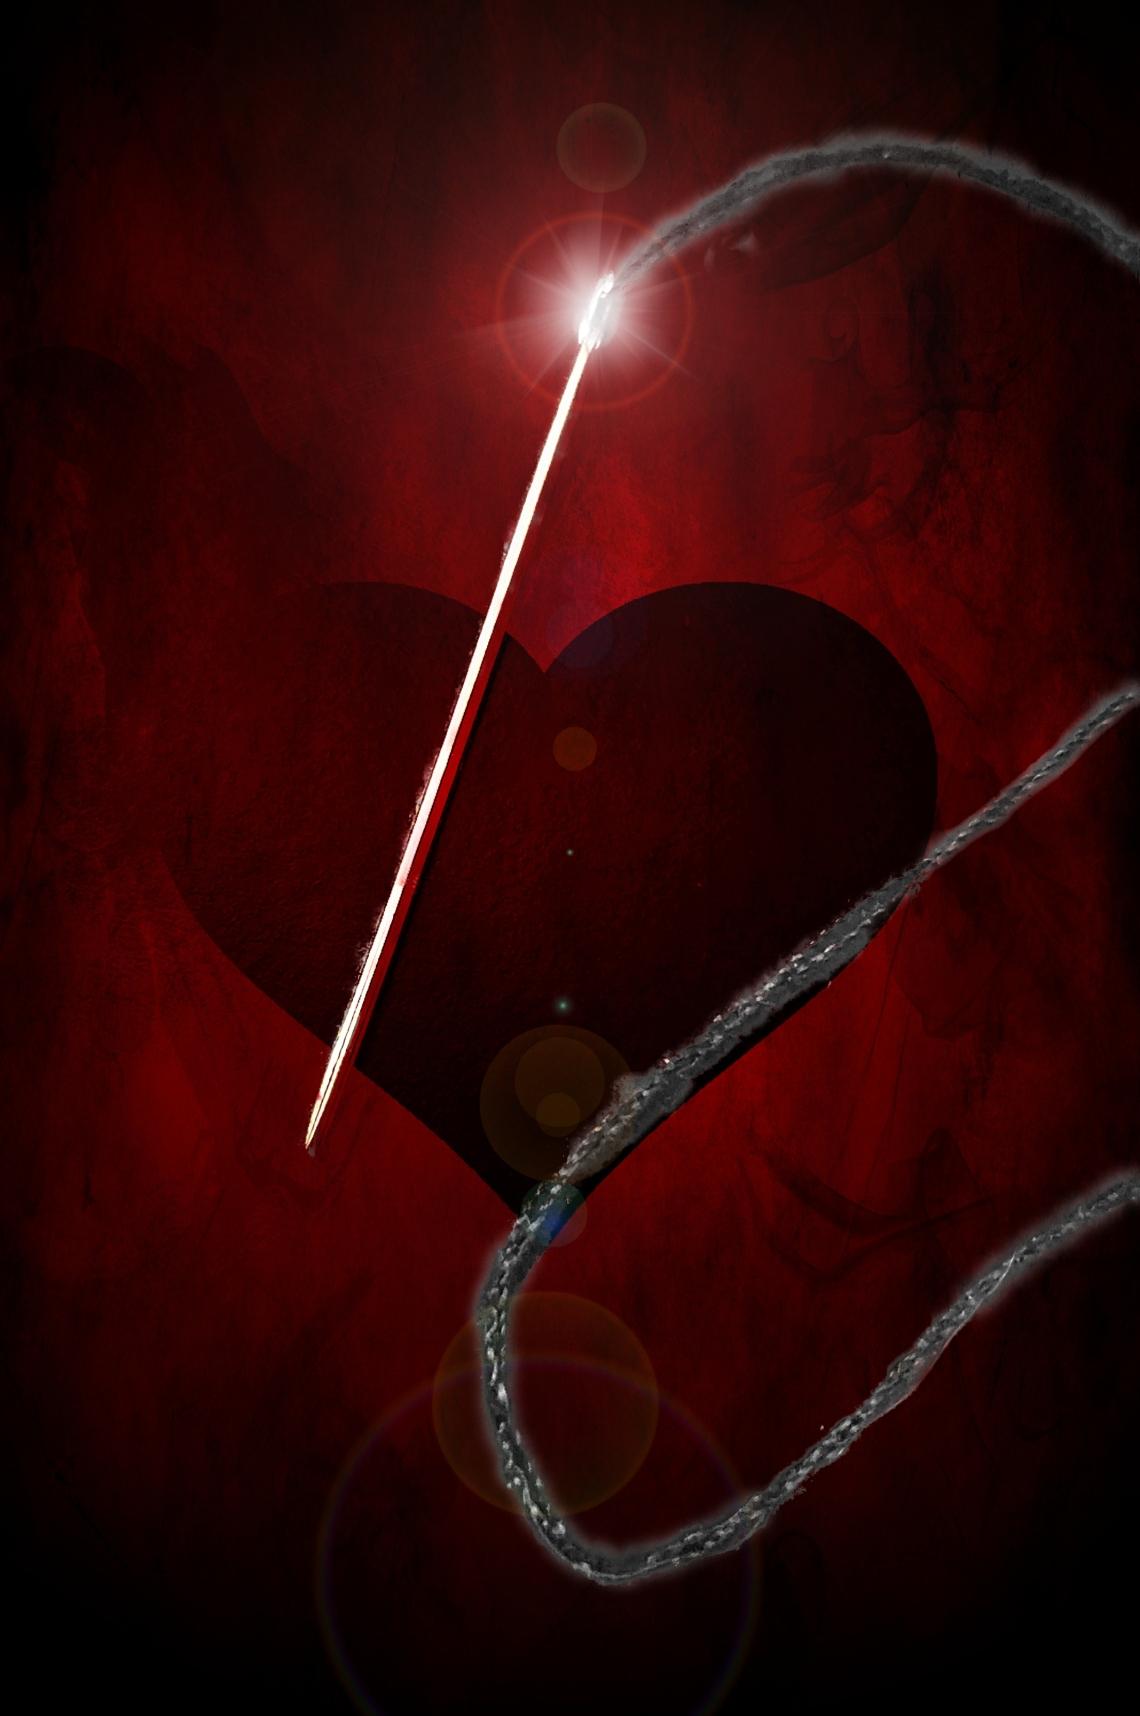 011-needle-heart20171121_A